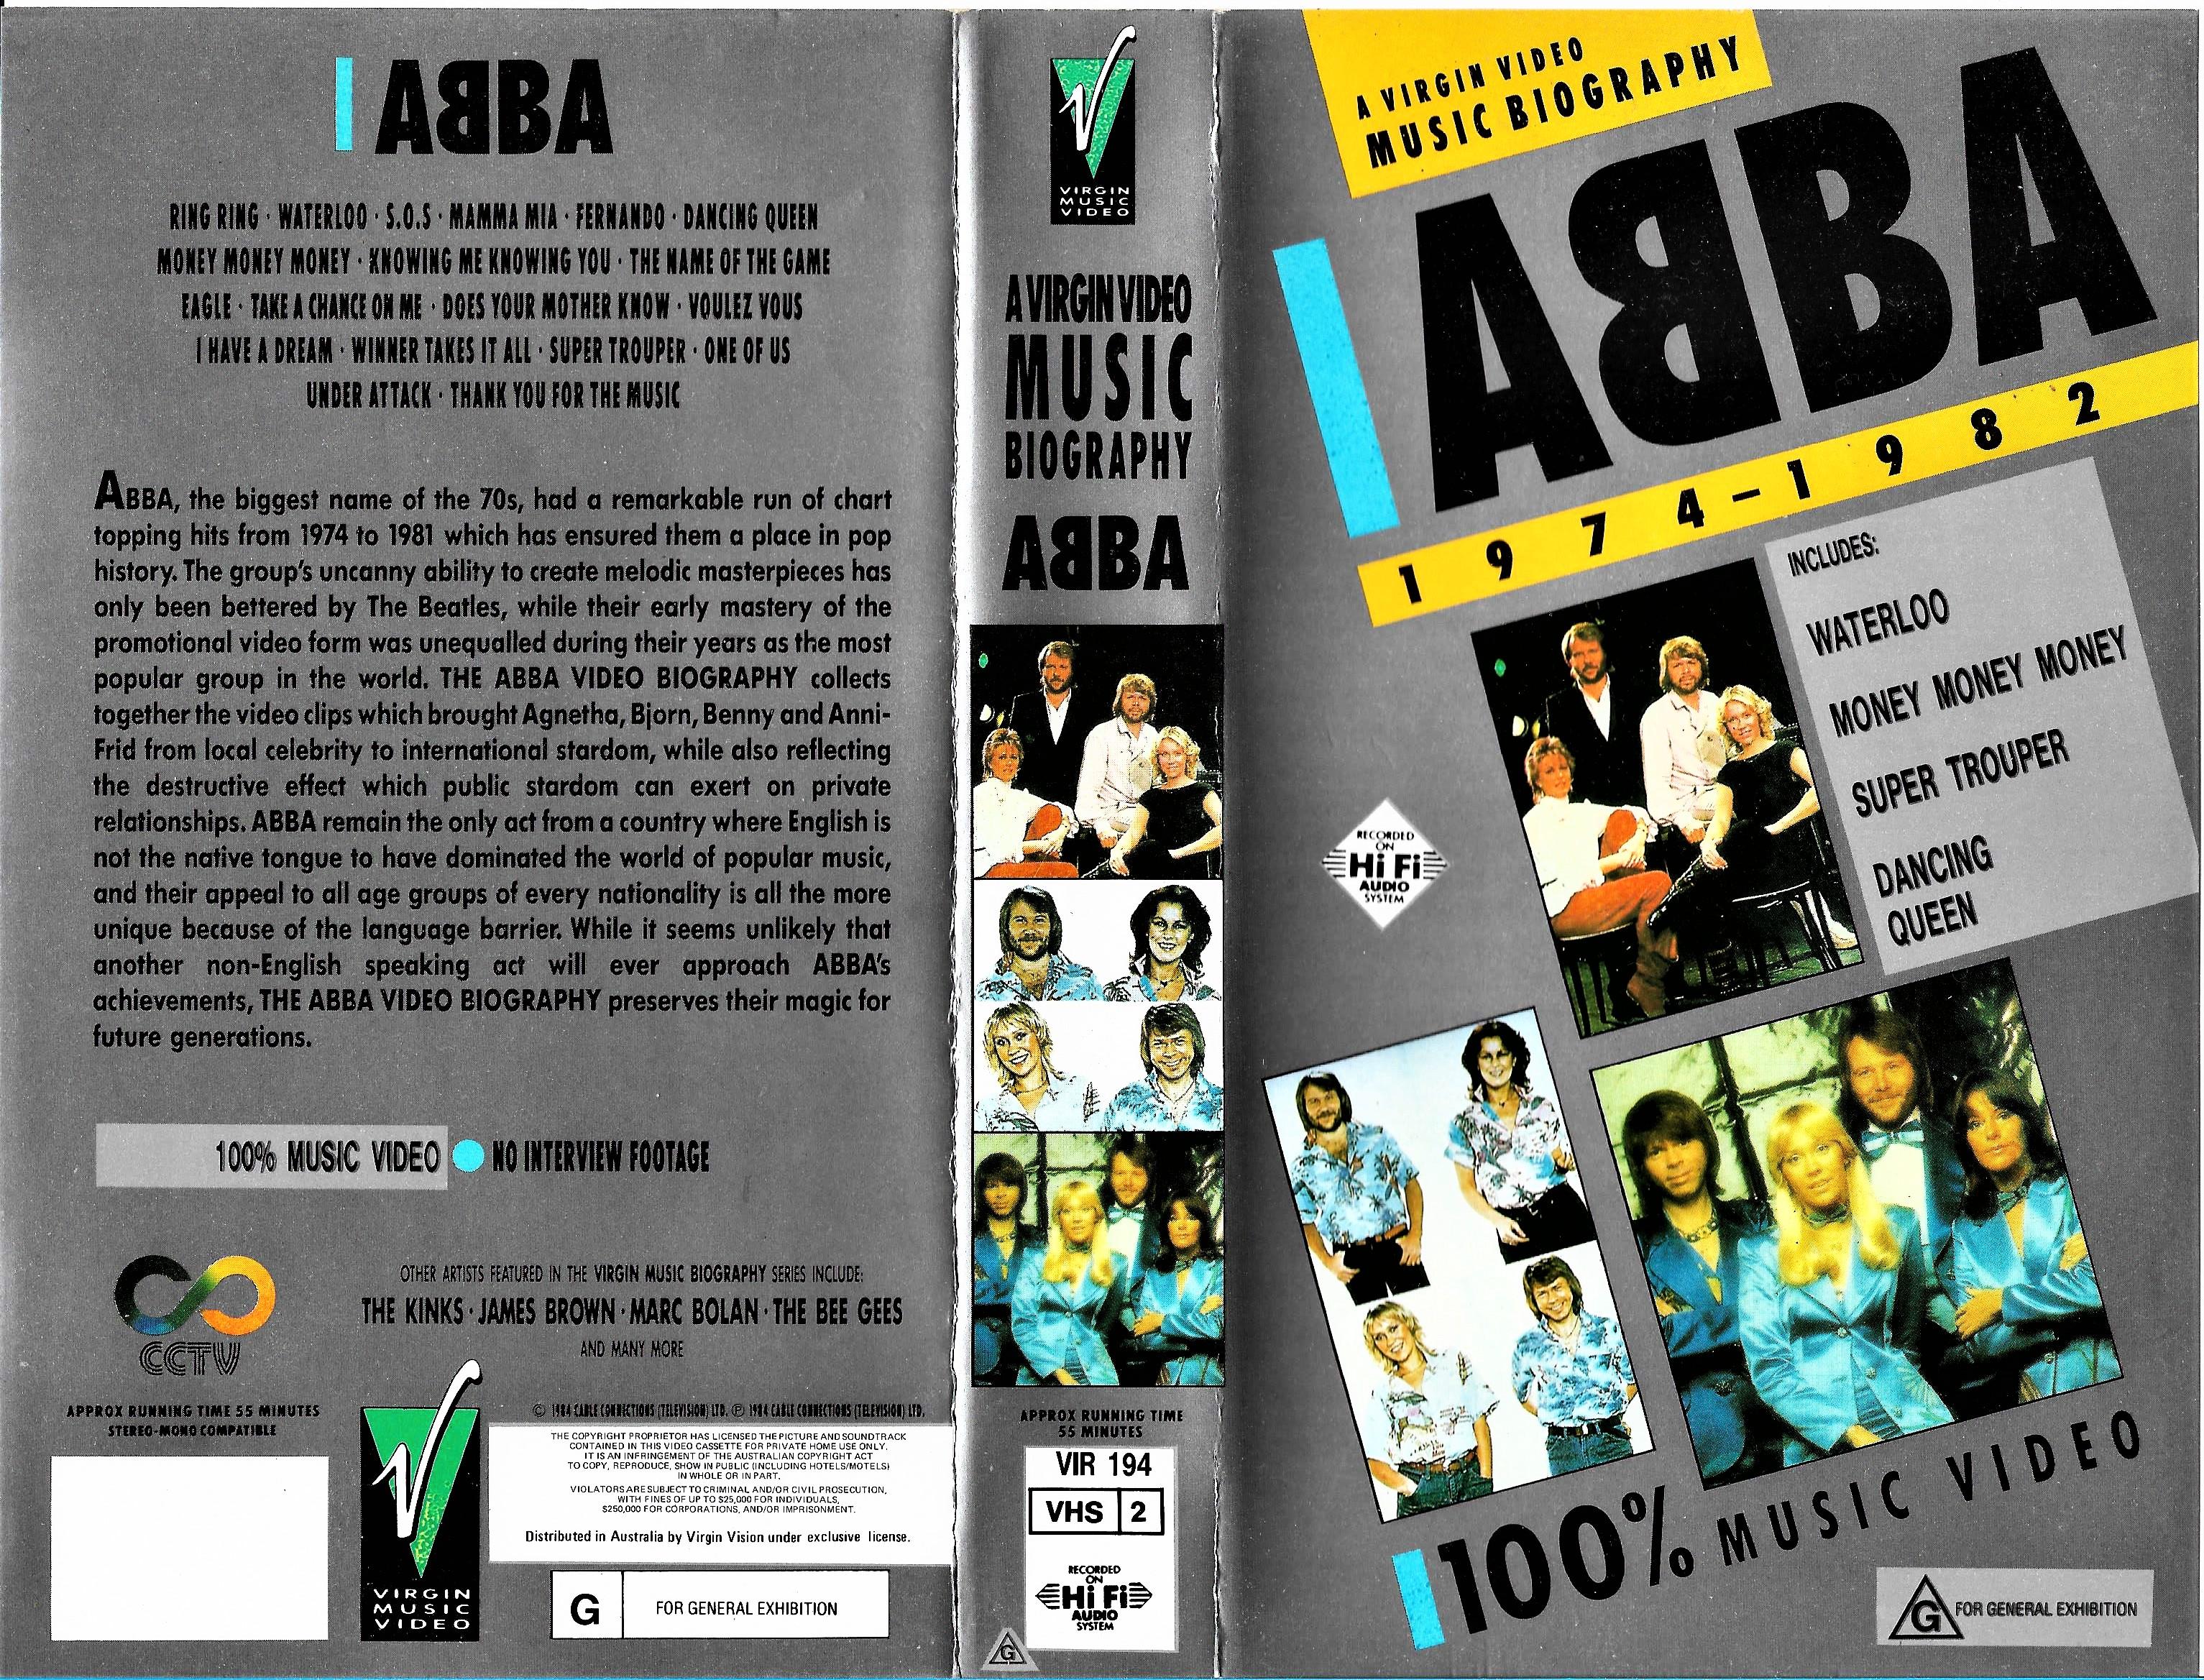 A Virgin Video Music Biography: Abba (1984)